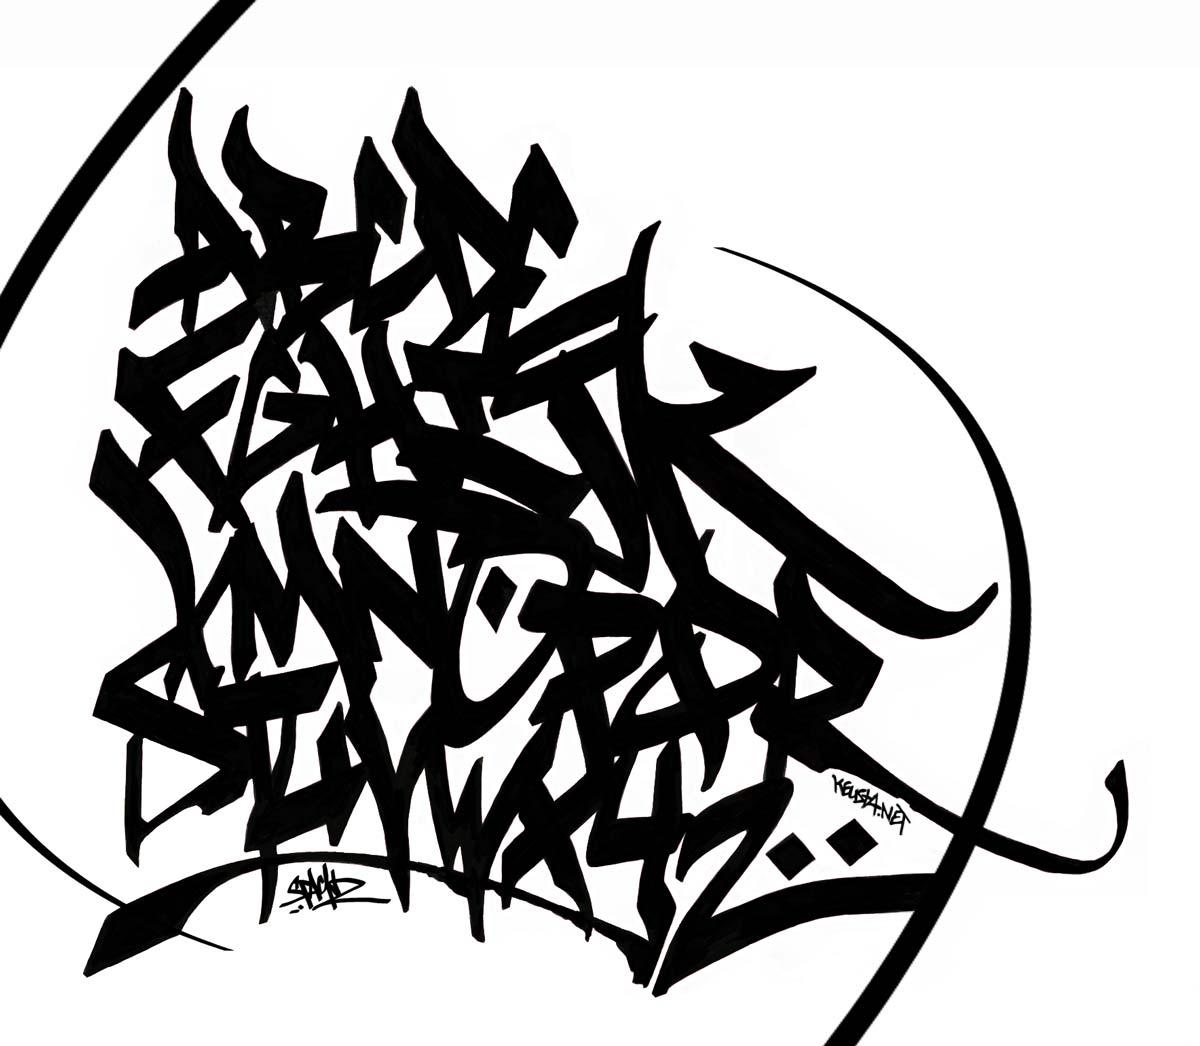 http://2.bp.blogspot.com/-R4R51geeEiE/Teub4JywSjI/AAAAAAAACZk/ojflpuvQVBo/s1600/abstrack+alphabet+graffiti.jpg